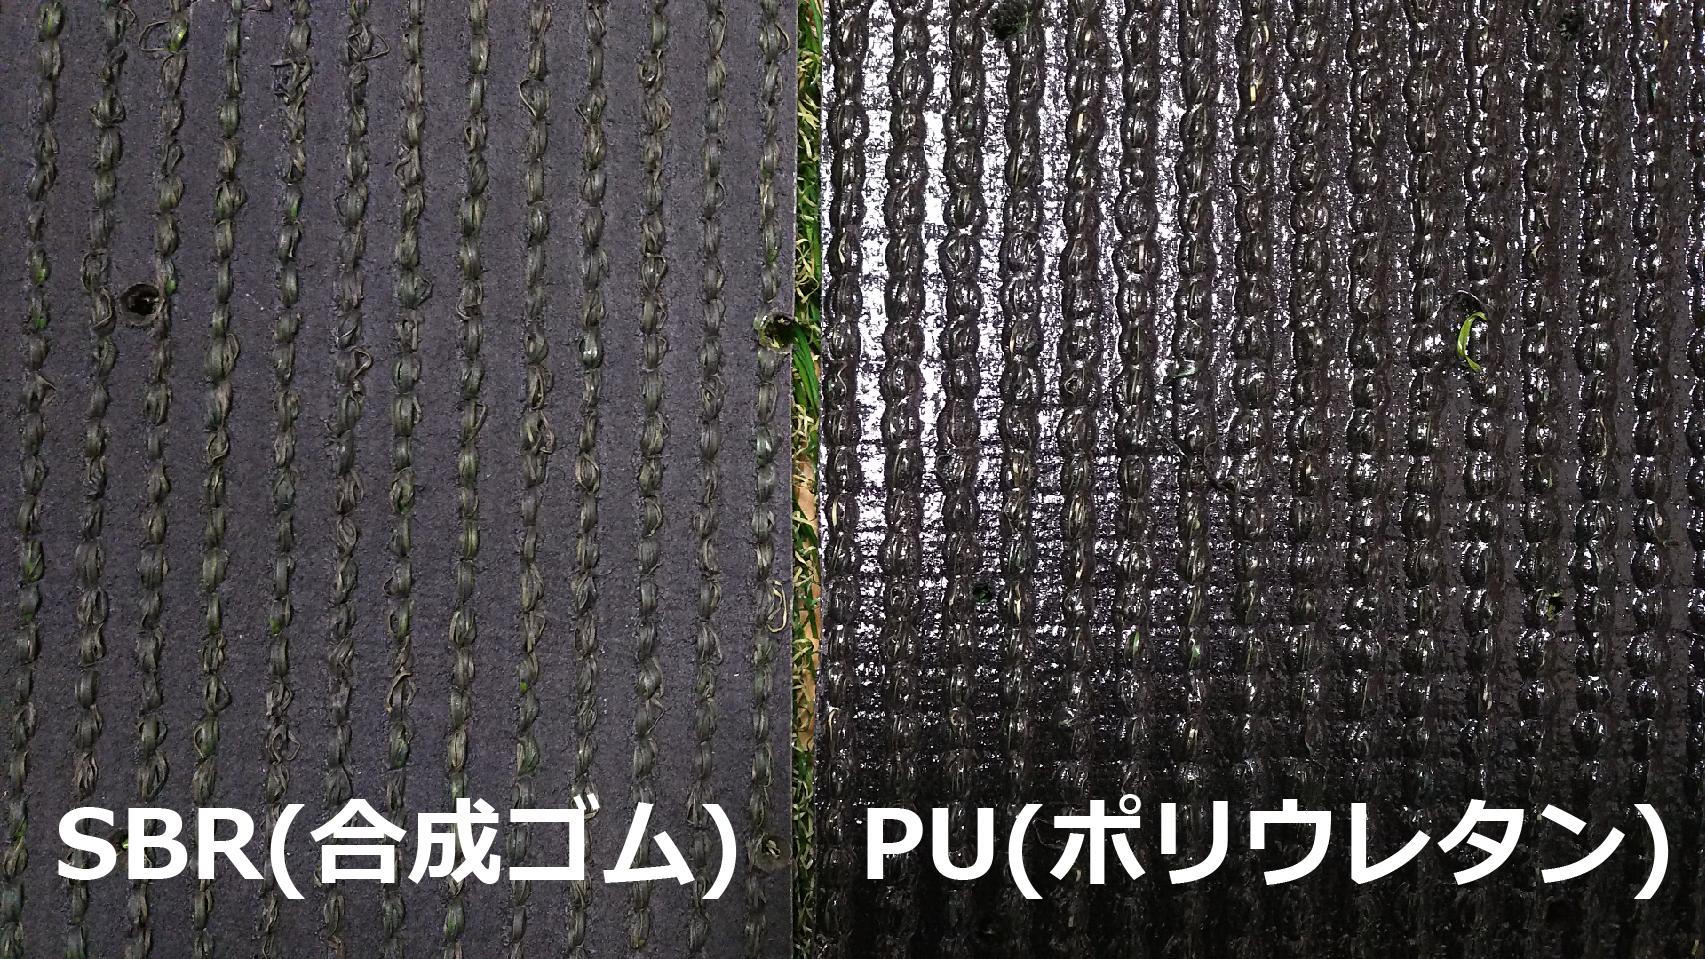 SBRコーティングとポリウレタンコーティングの耐久性の違い